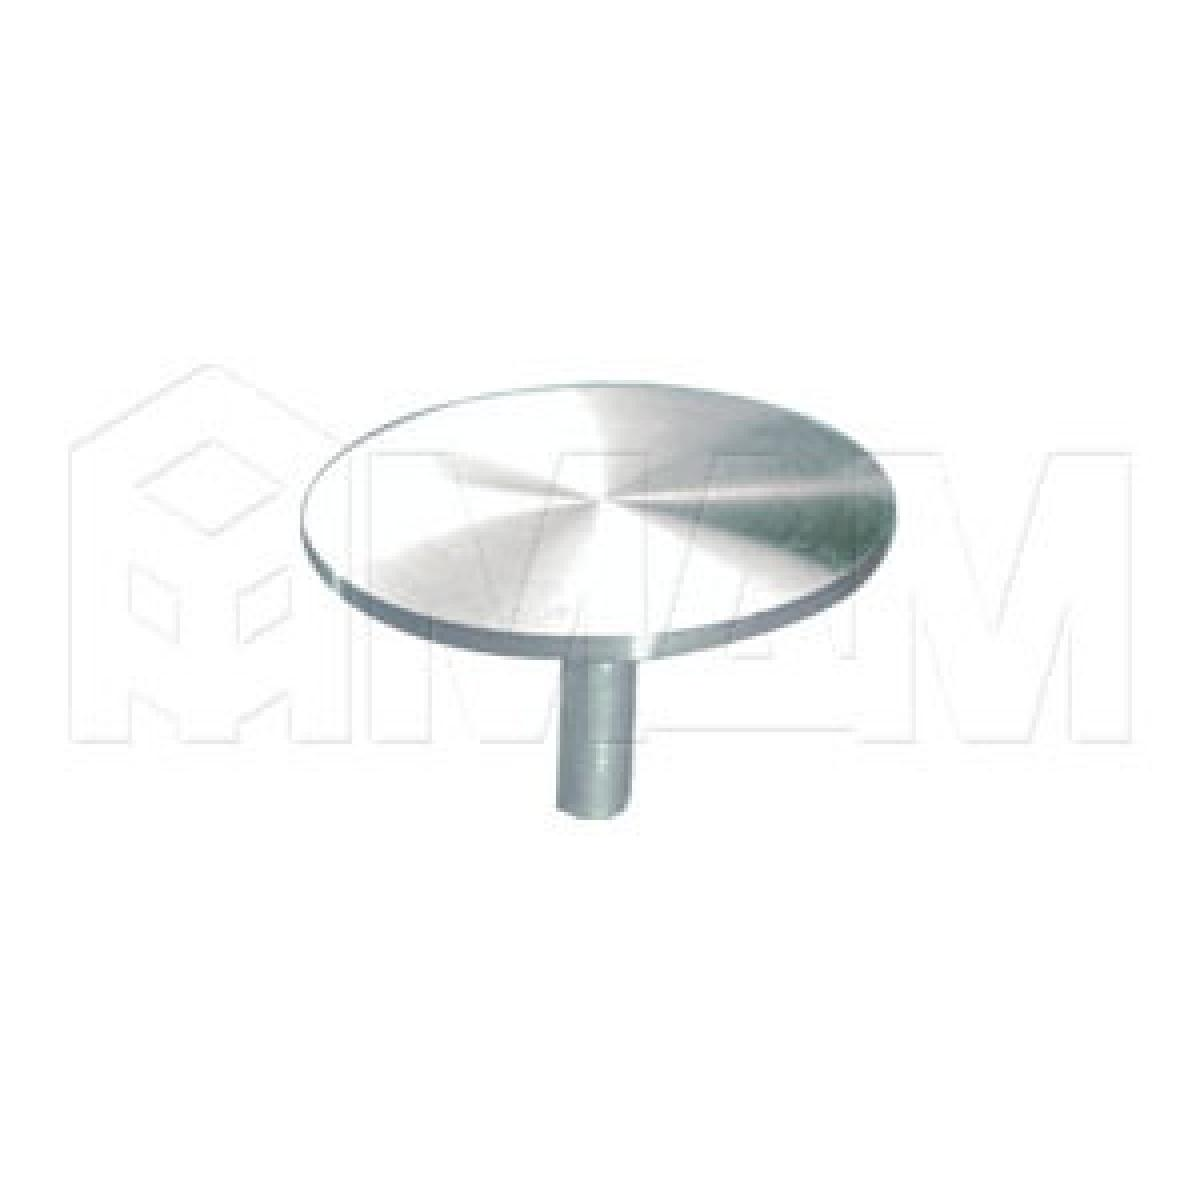 Элемент для клейки стекла на трубу d 50 с винтом М10 сталь